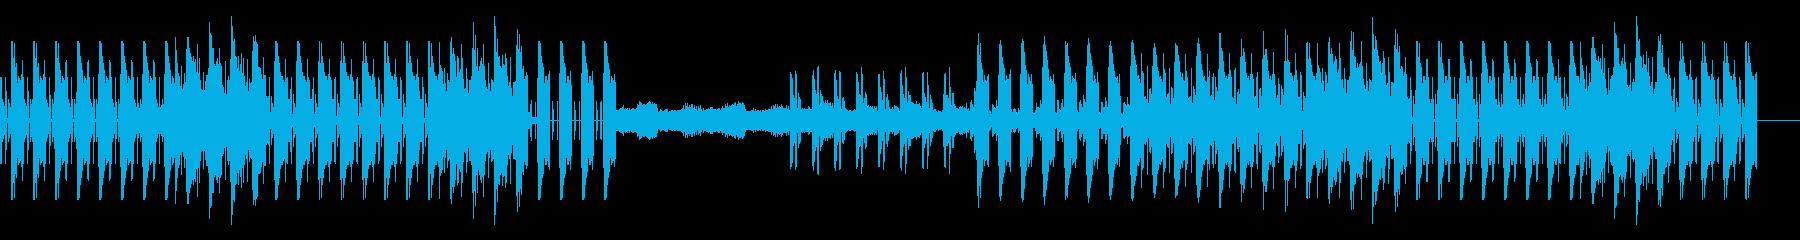 スチームパンク風、楽しい音遣いのBGMの再生済みの波形